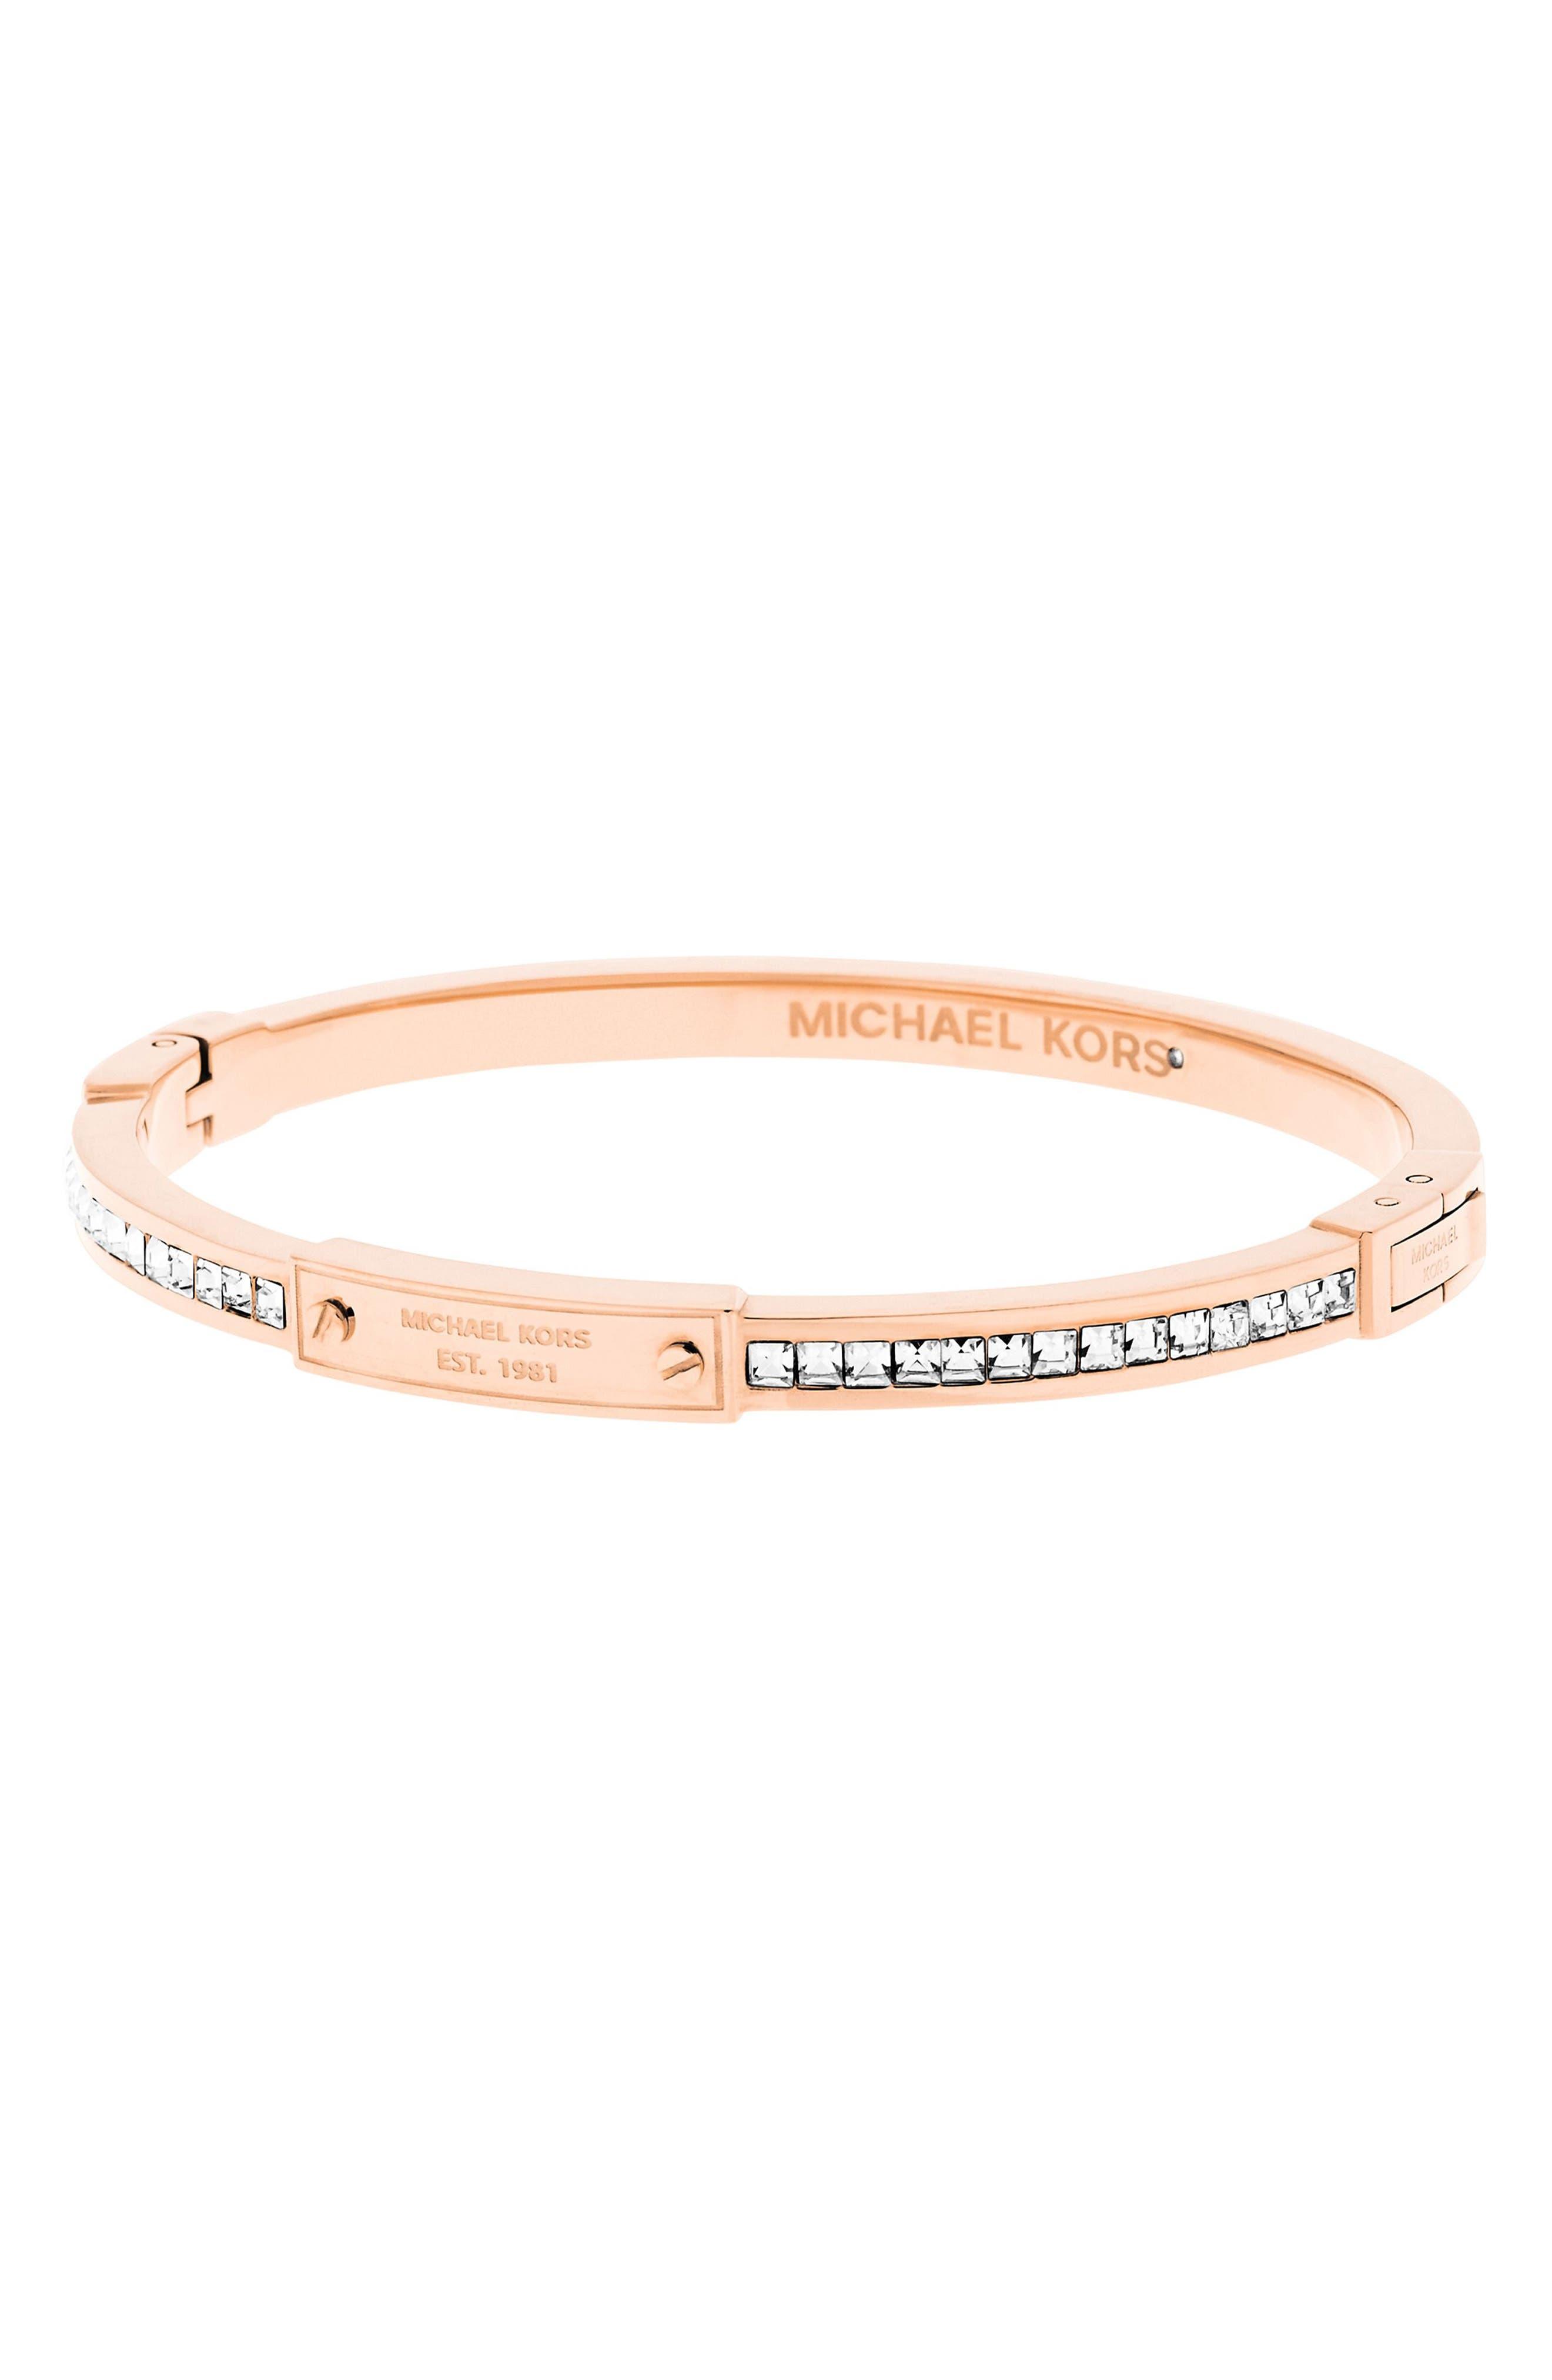 MICHAEL KORS Logo Bracelet